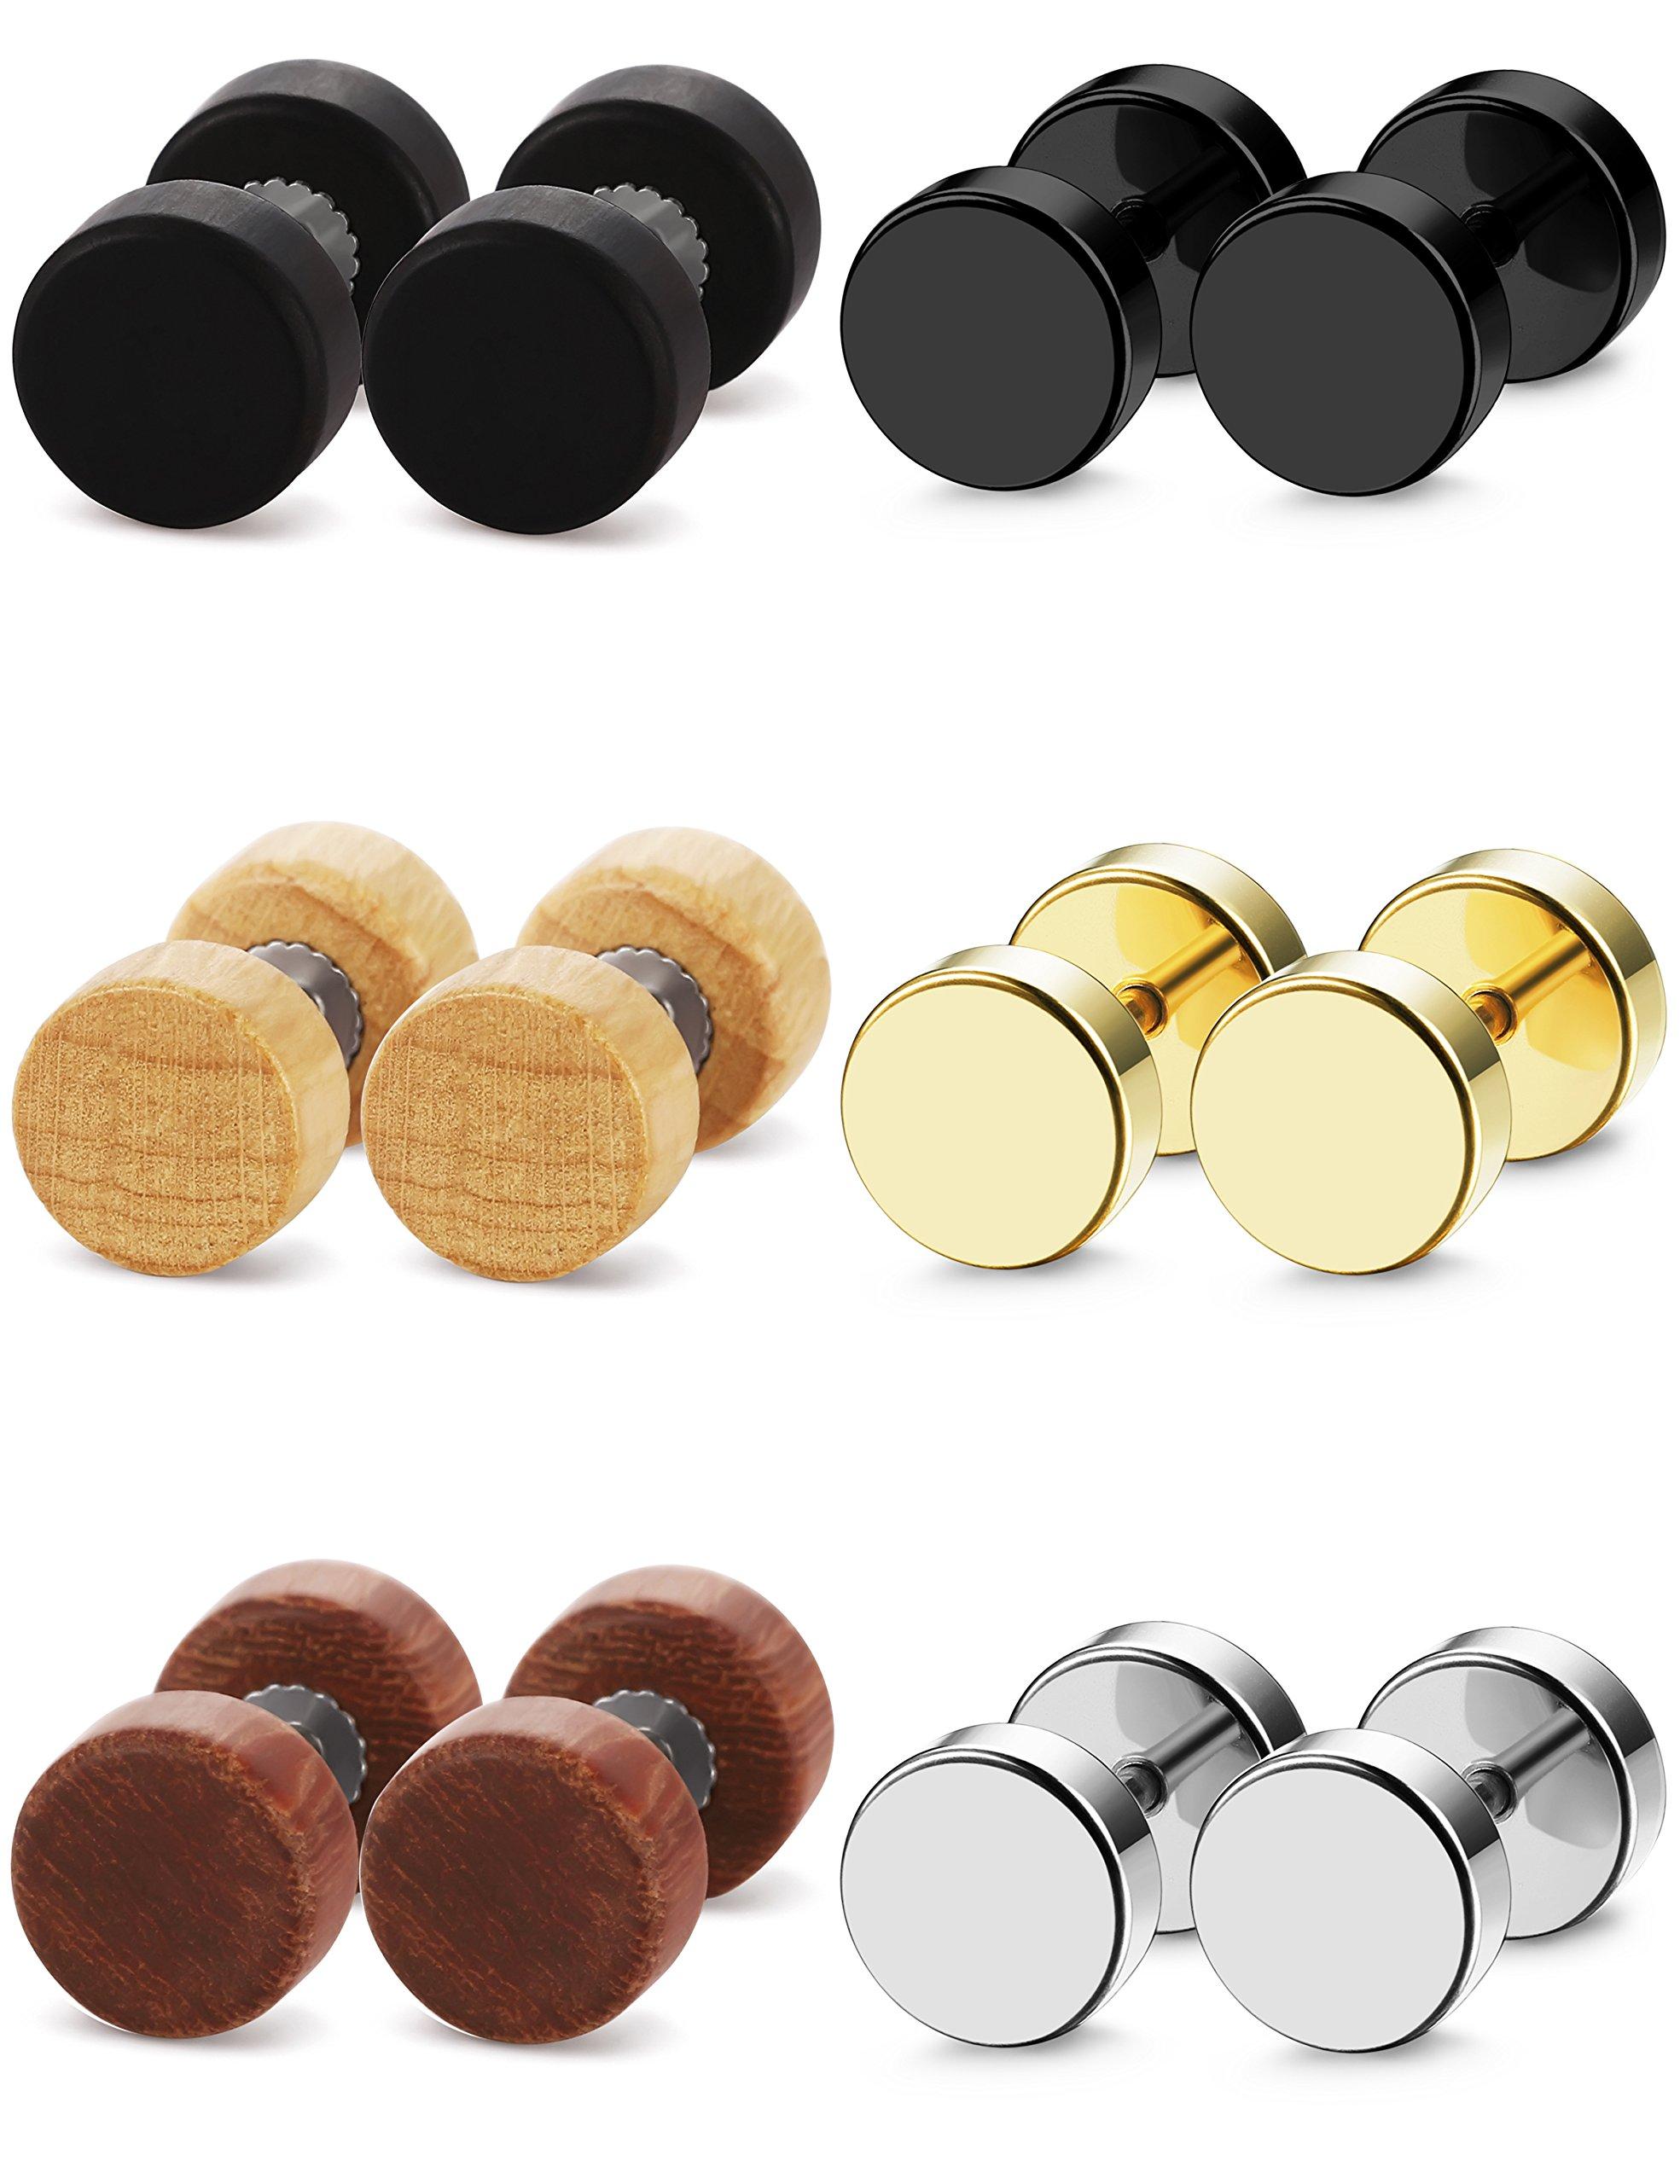 FIBO STEEL 6 Pairs Stud Earrings for Men Women Ear Piercing Ear Plugs Tunnel 18G,8MM by FIBO STEEL (Image #1)